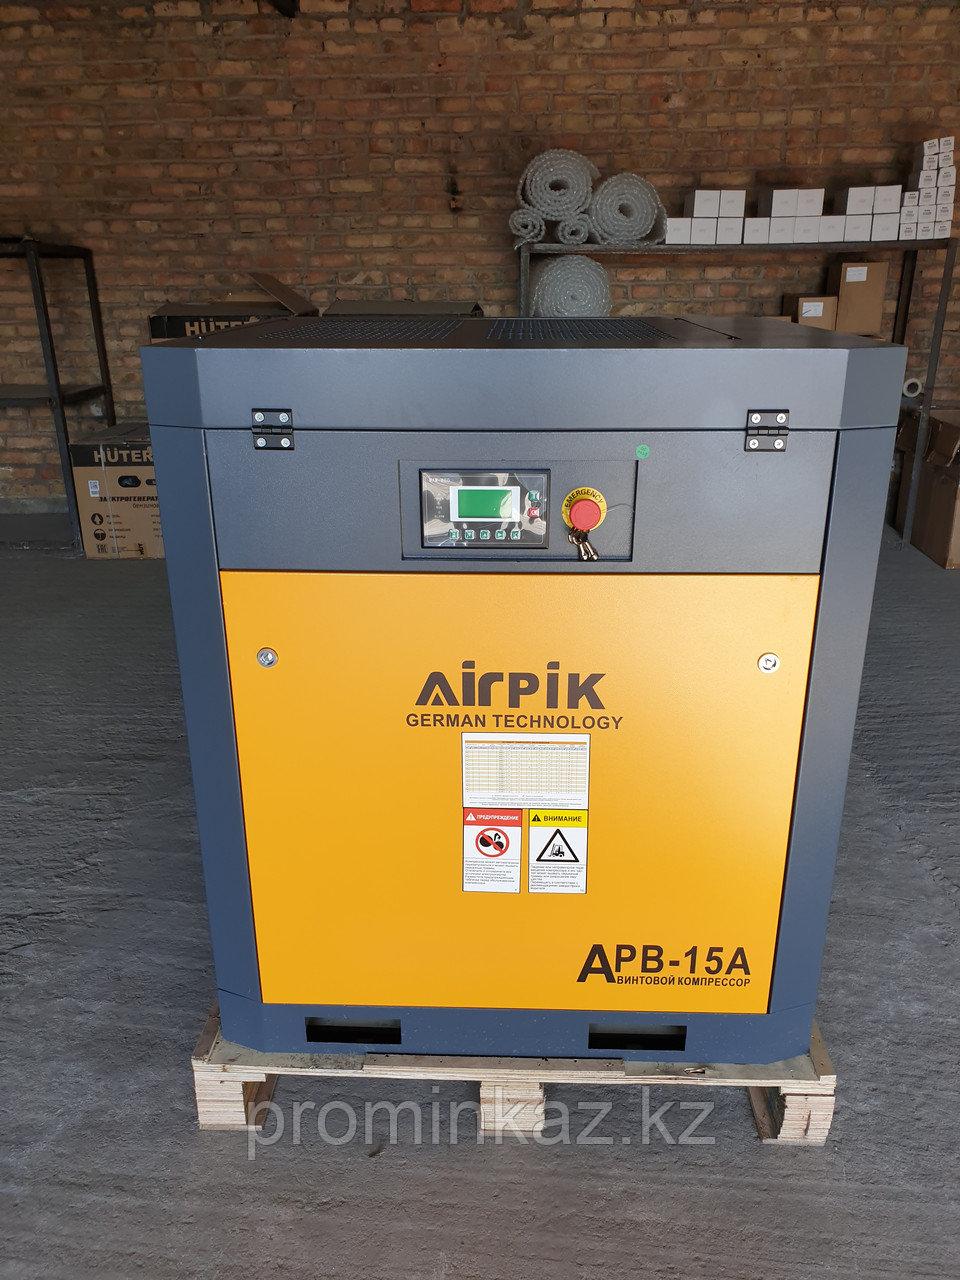 Компрессор APB-15A, -1,5 куб.м, 8 бар, AirPIK